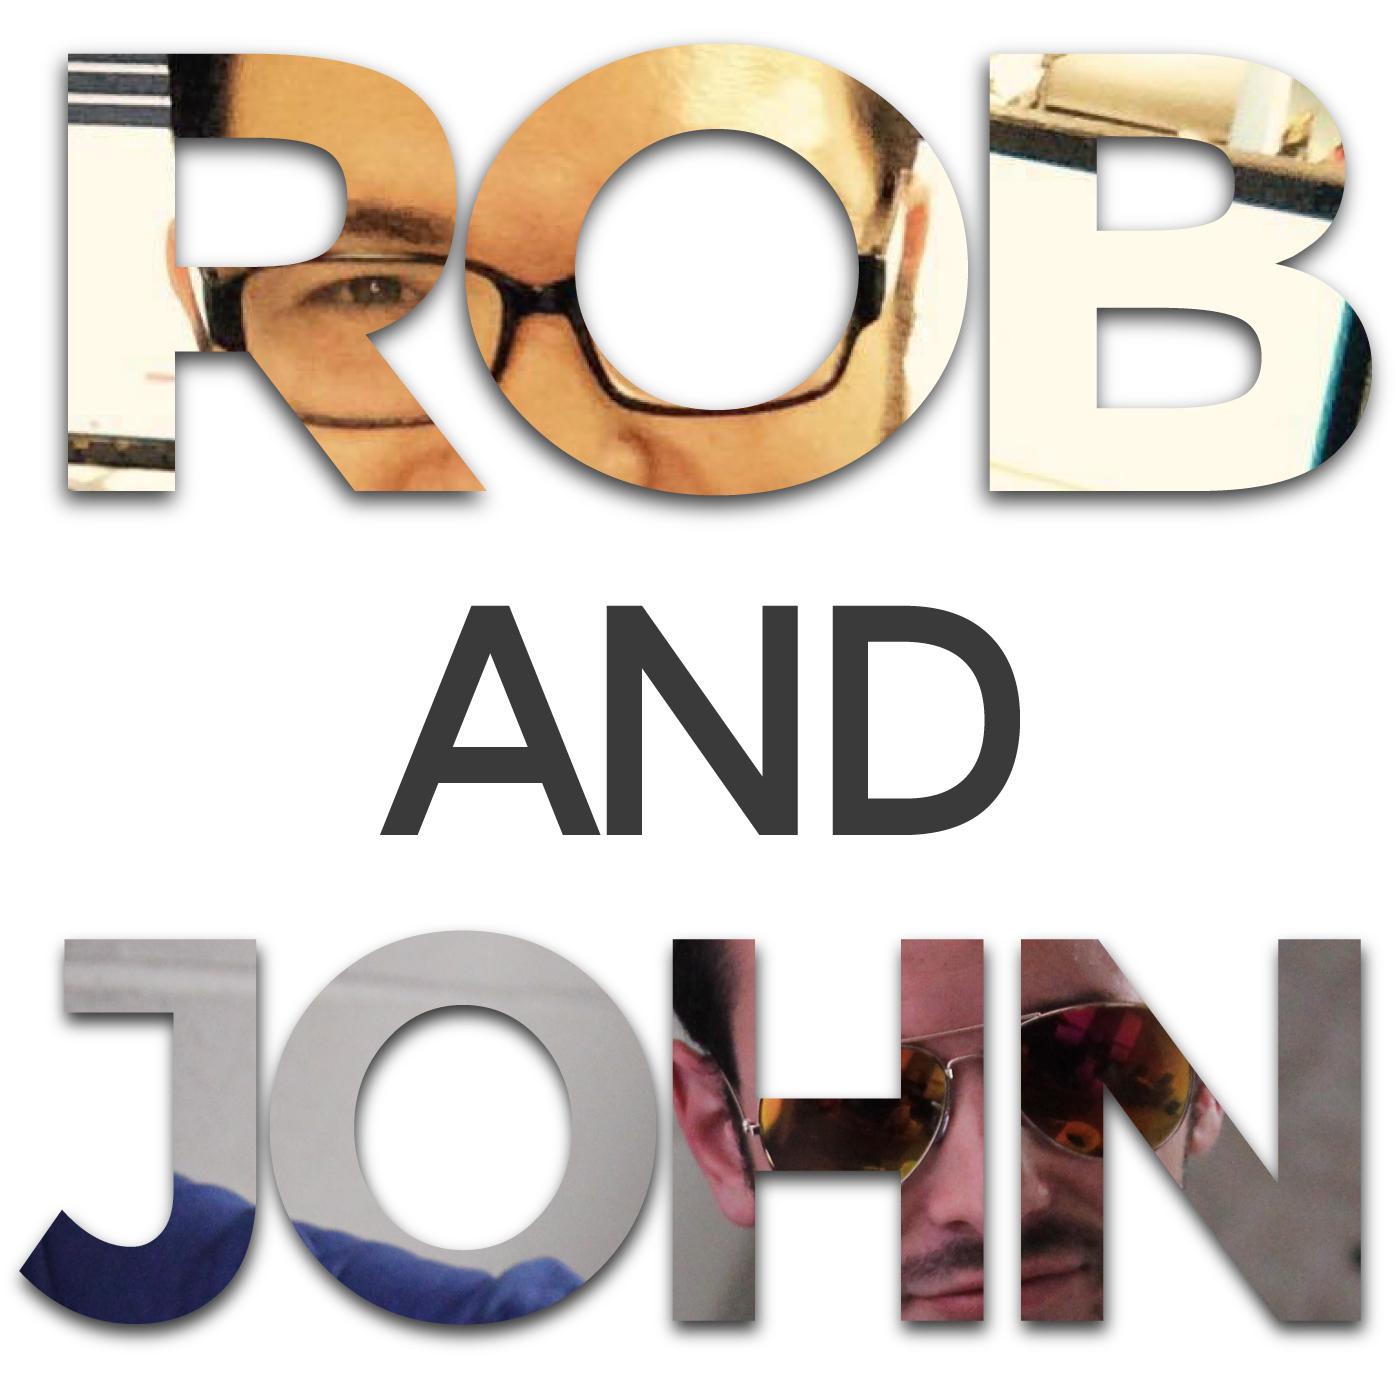 Rob and John